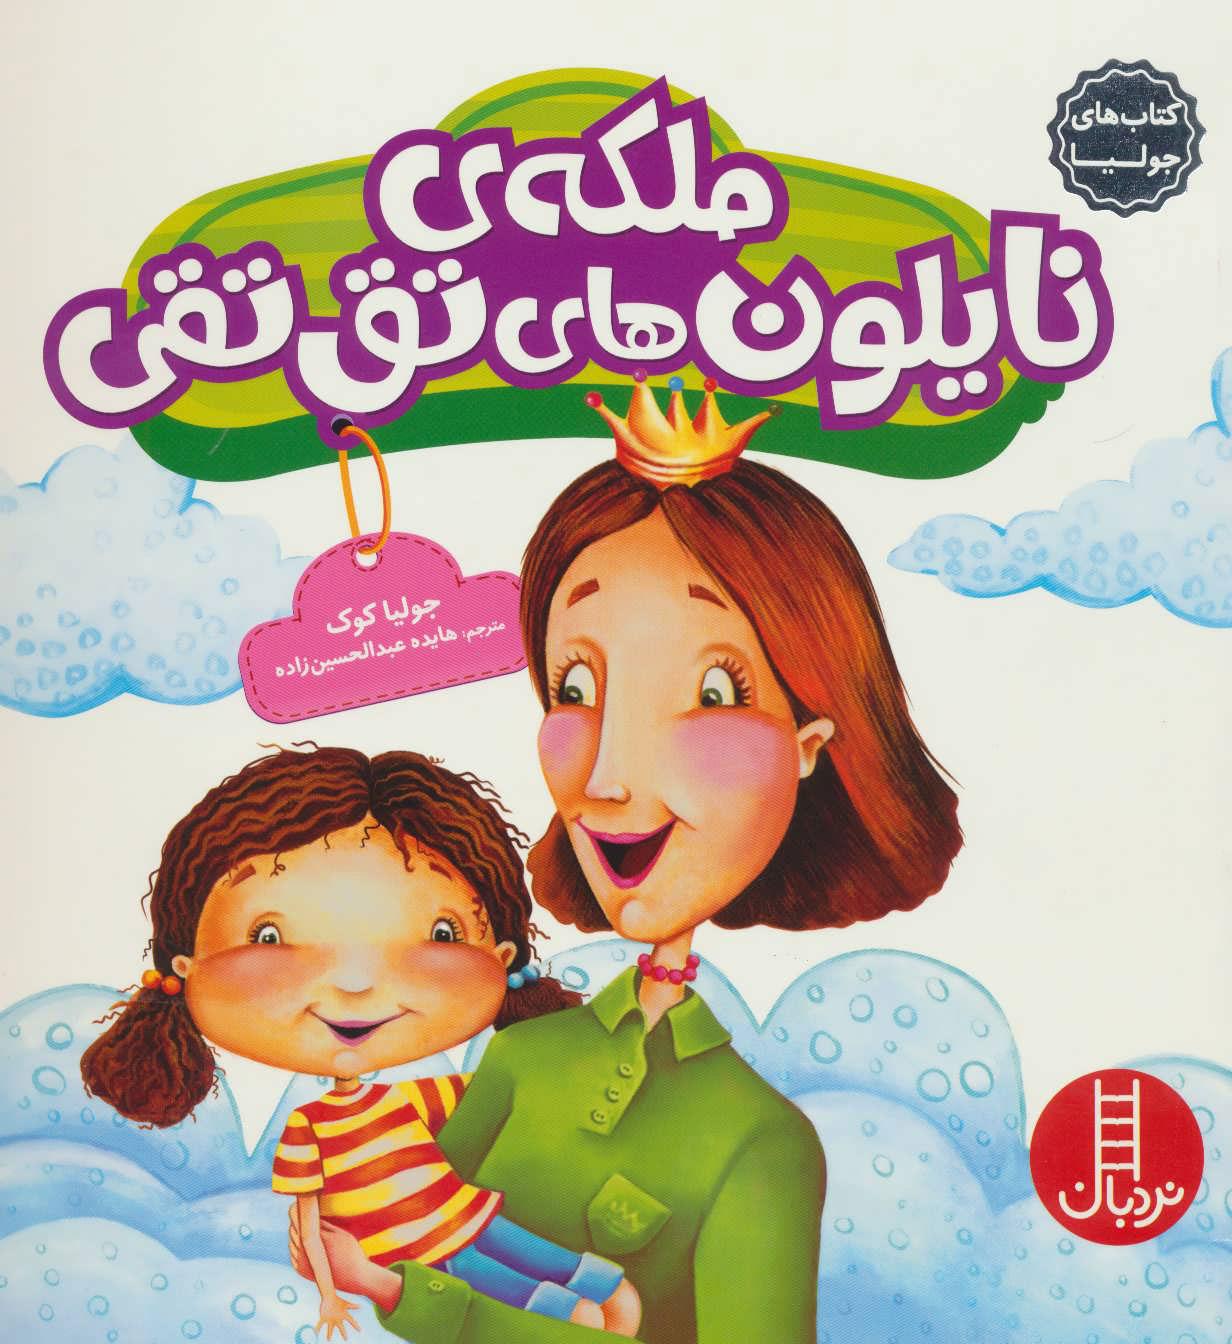 کتاب ملکه ی نایلون های تق تقی